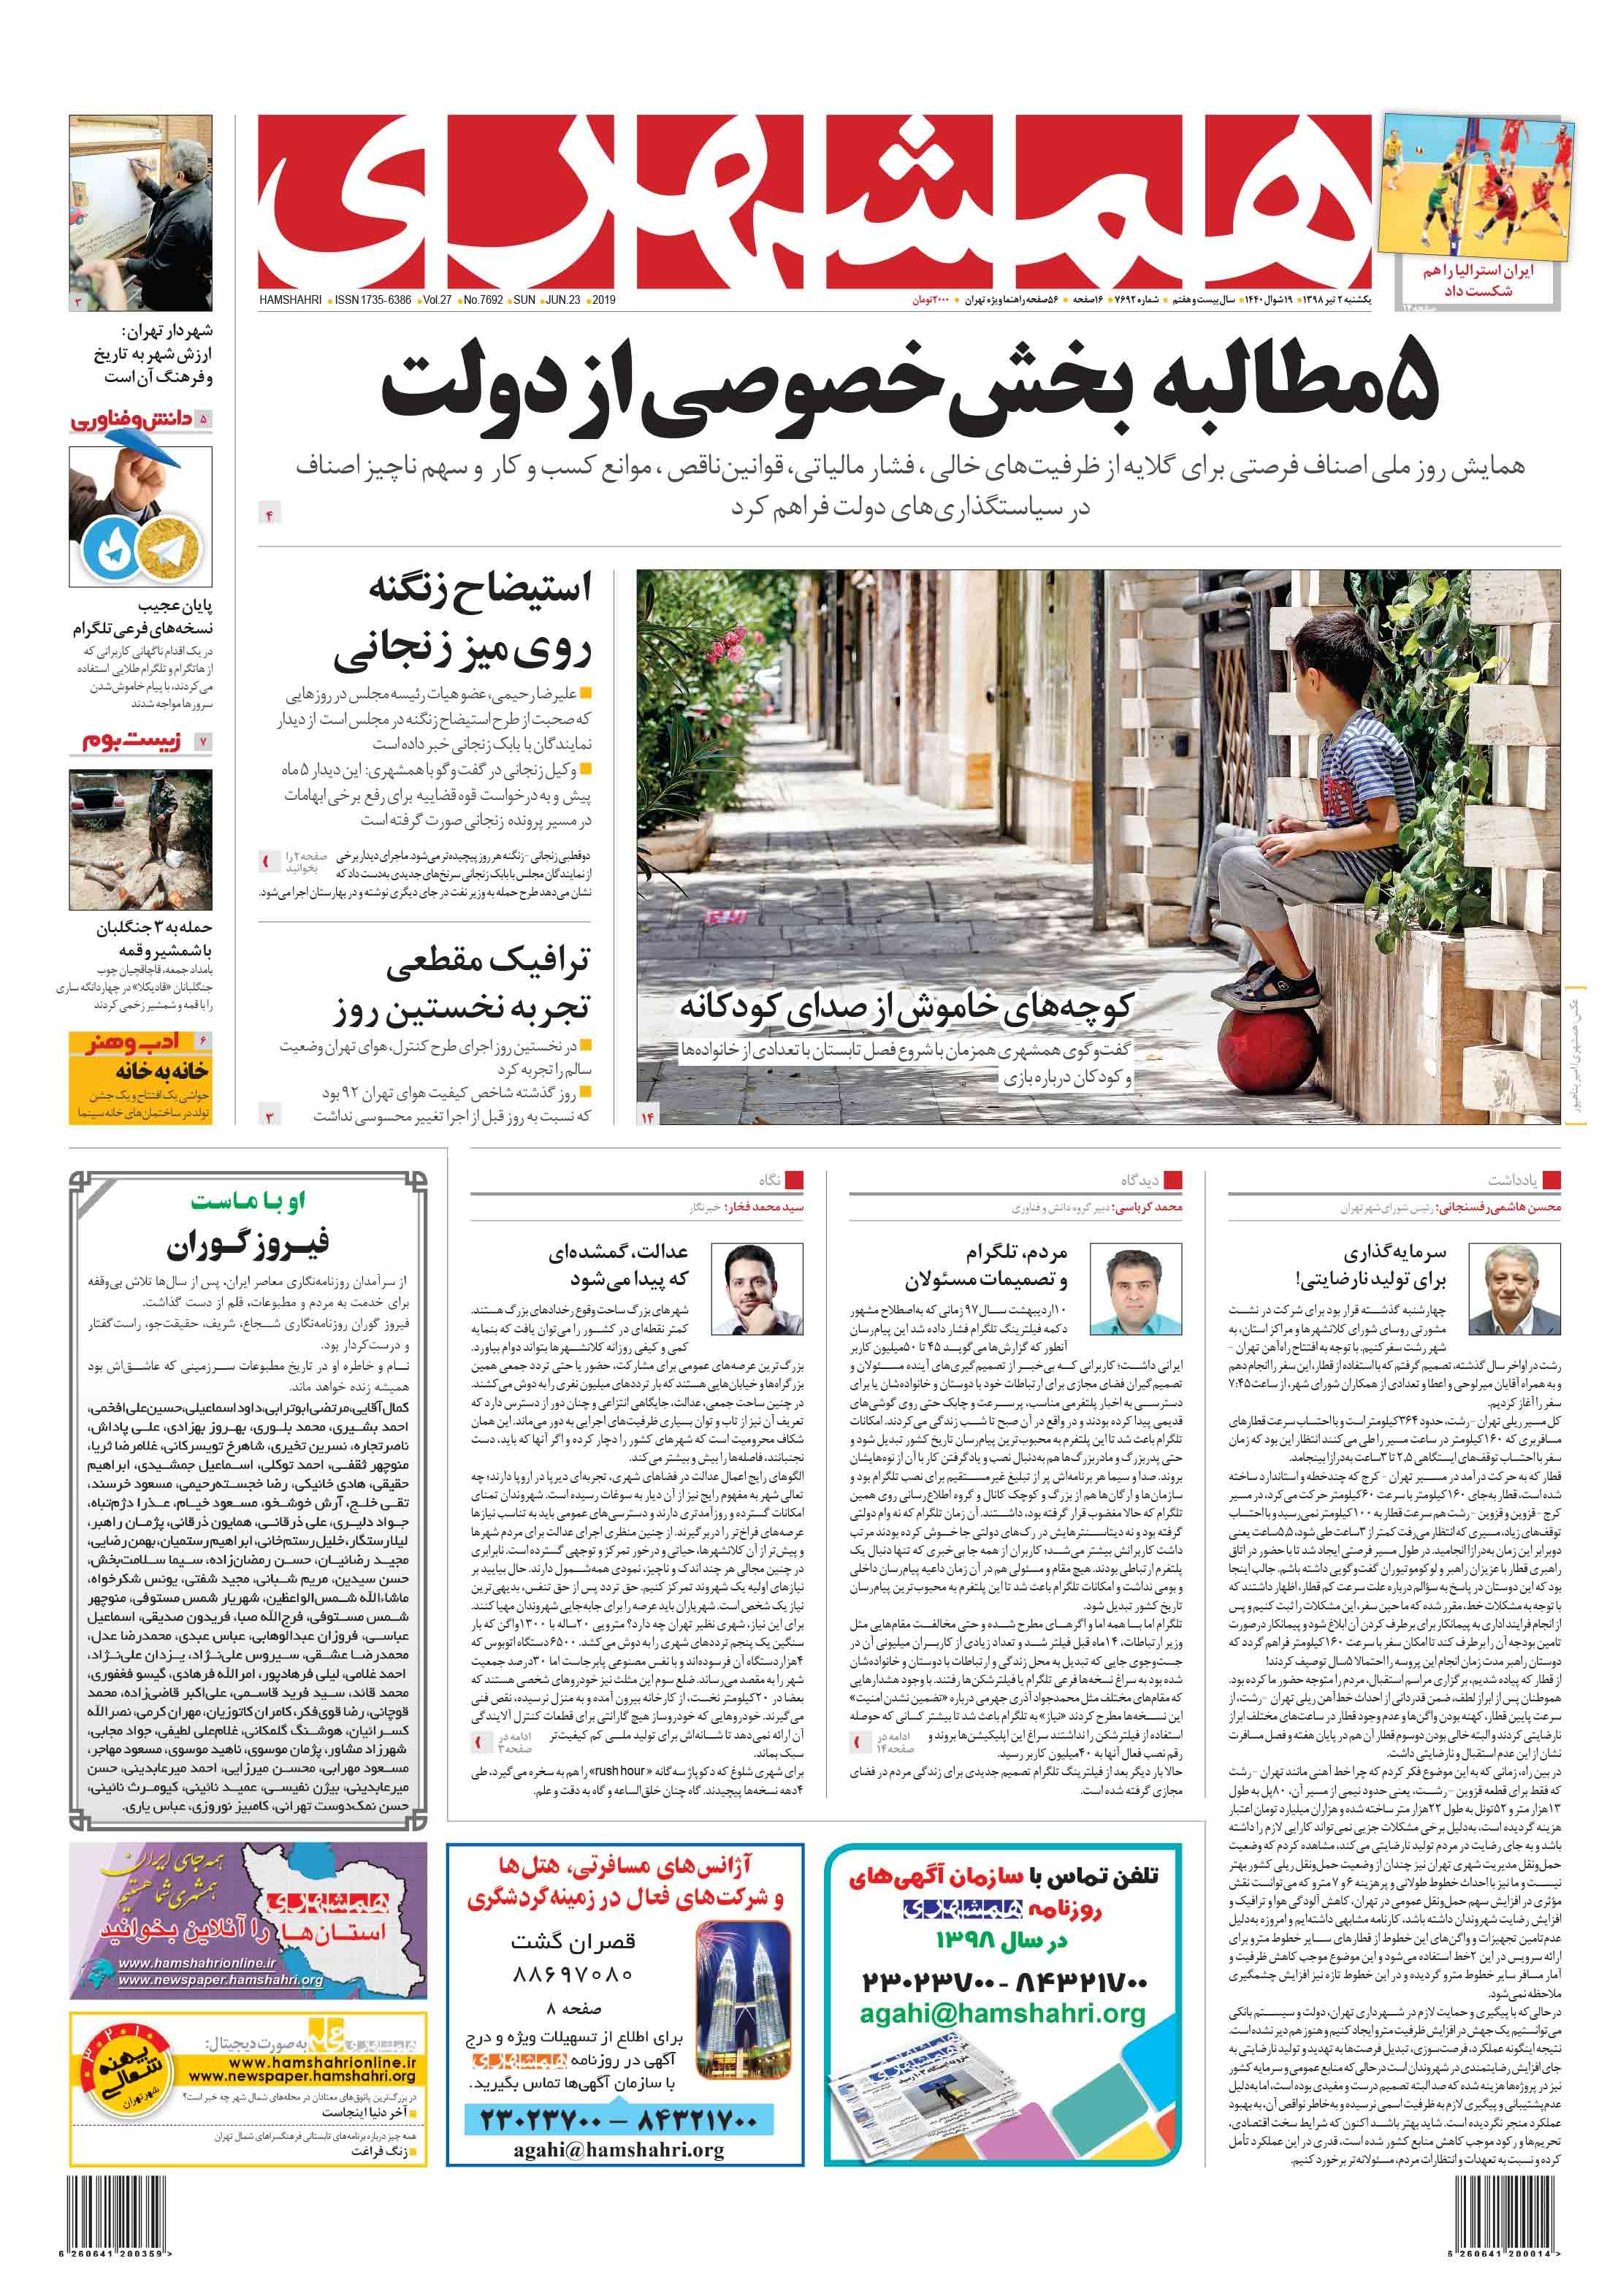 صفحه اول یکشنبه 2 تیر 1398